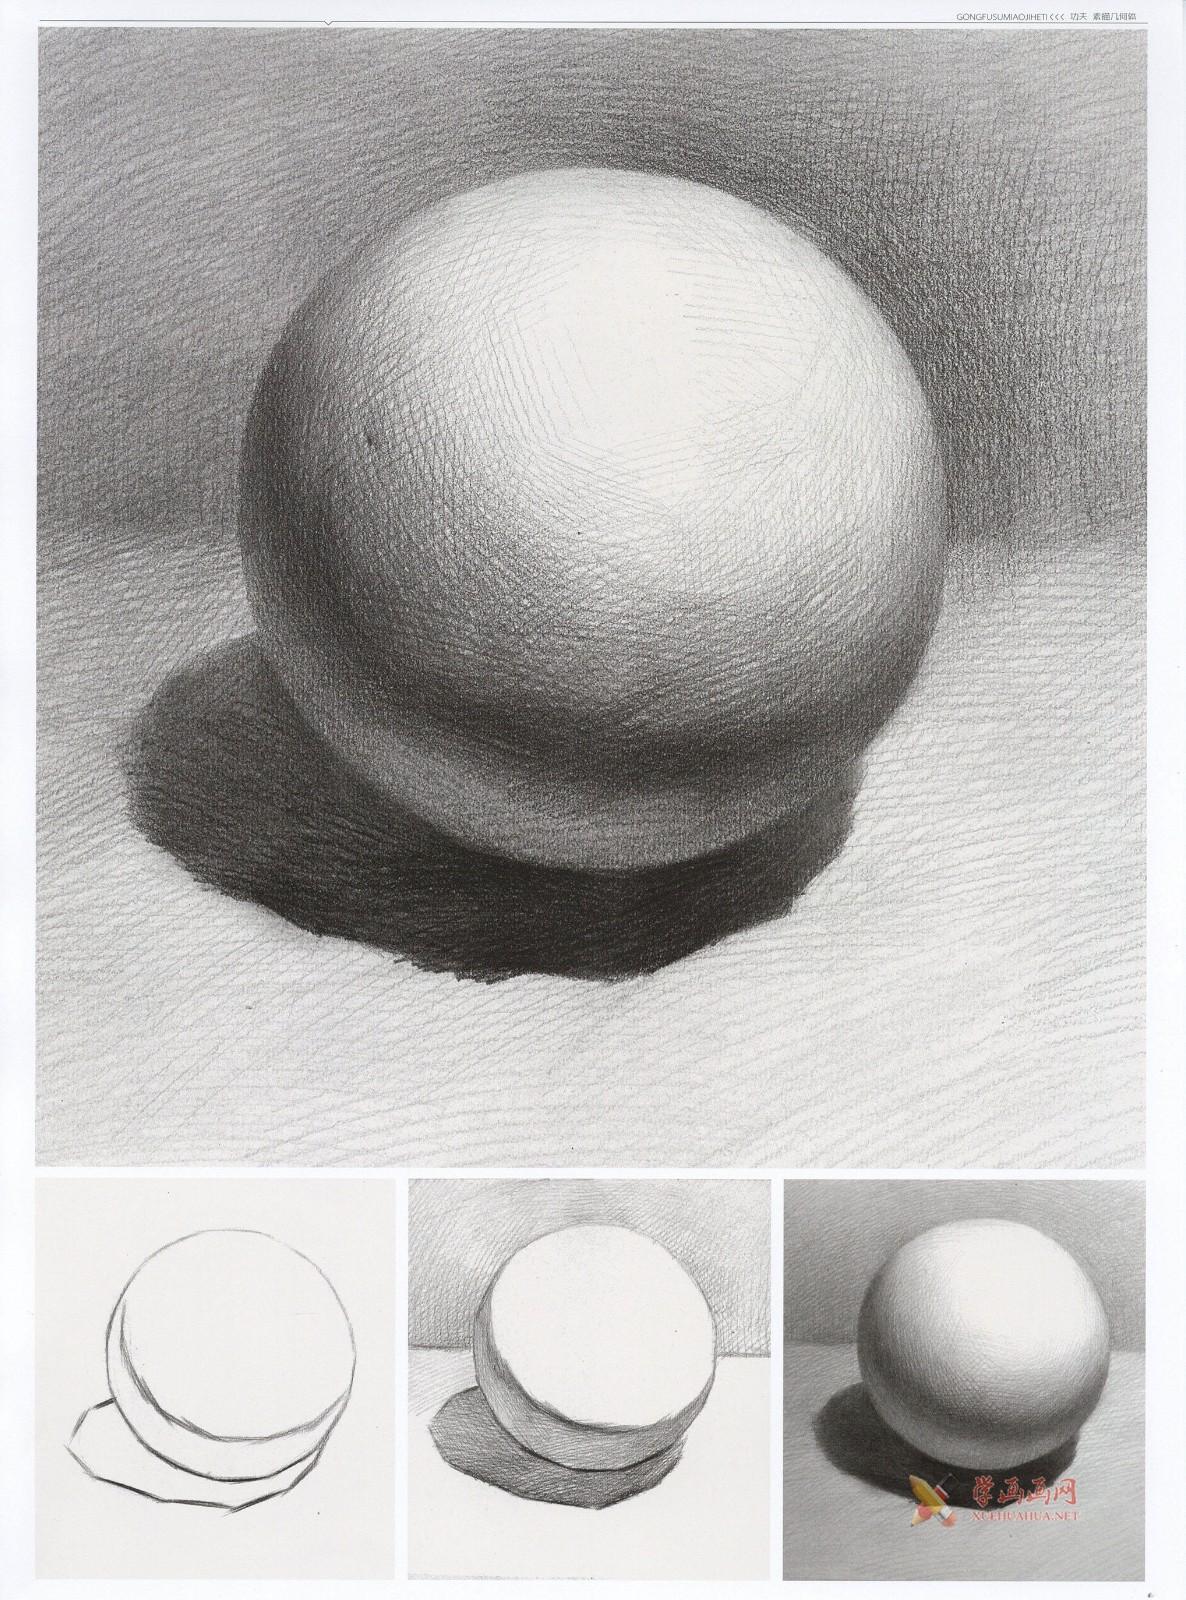 素描几何体_素描石膏球体的画法资料图片步骤解析(1)